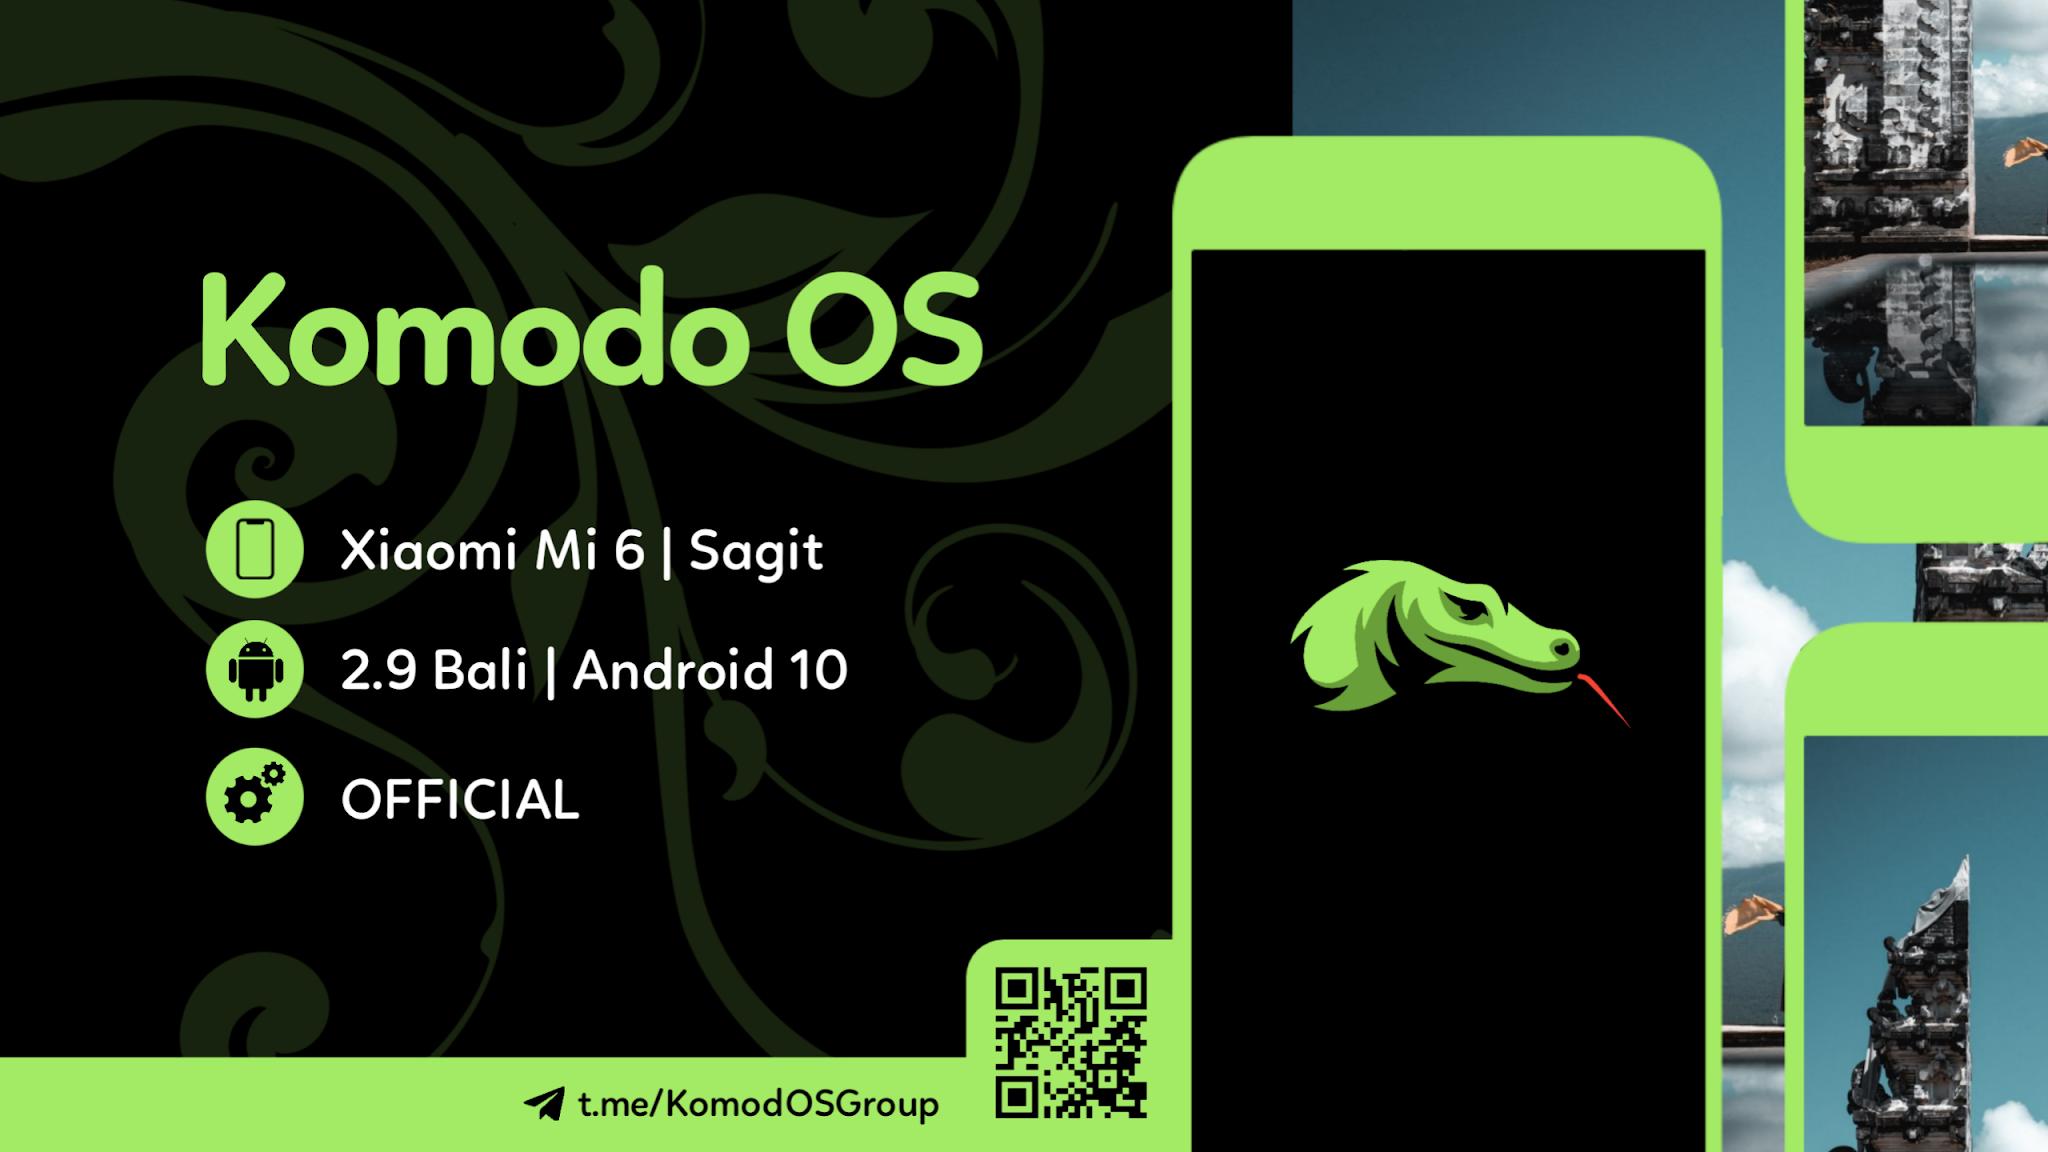 [ROM] Komodo OS v2.9 - Mi 6 [Sagit]